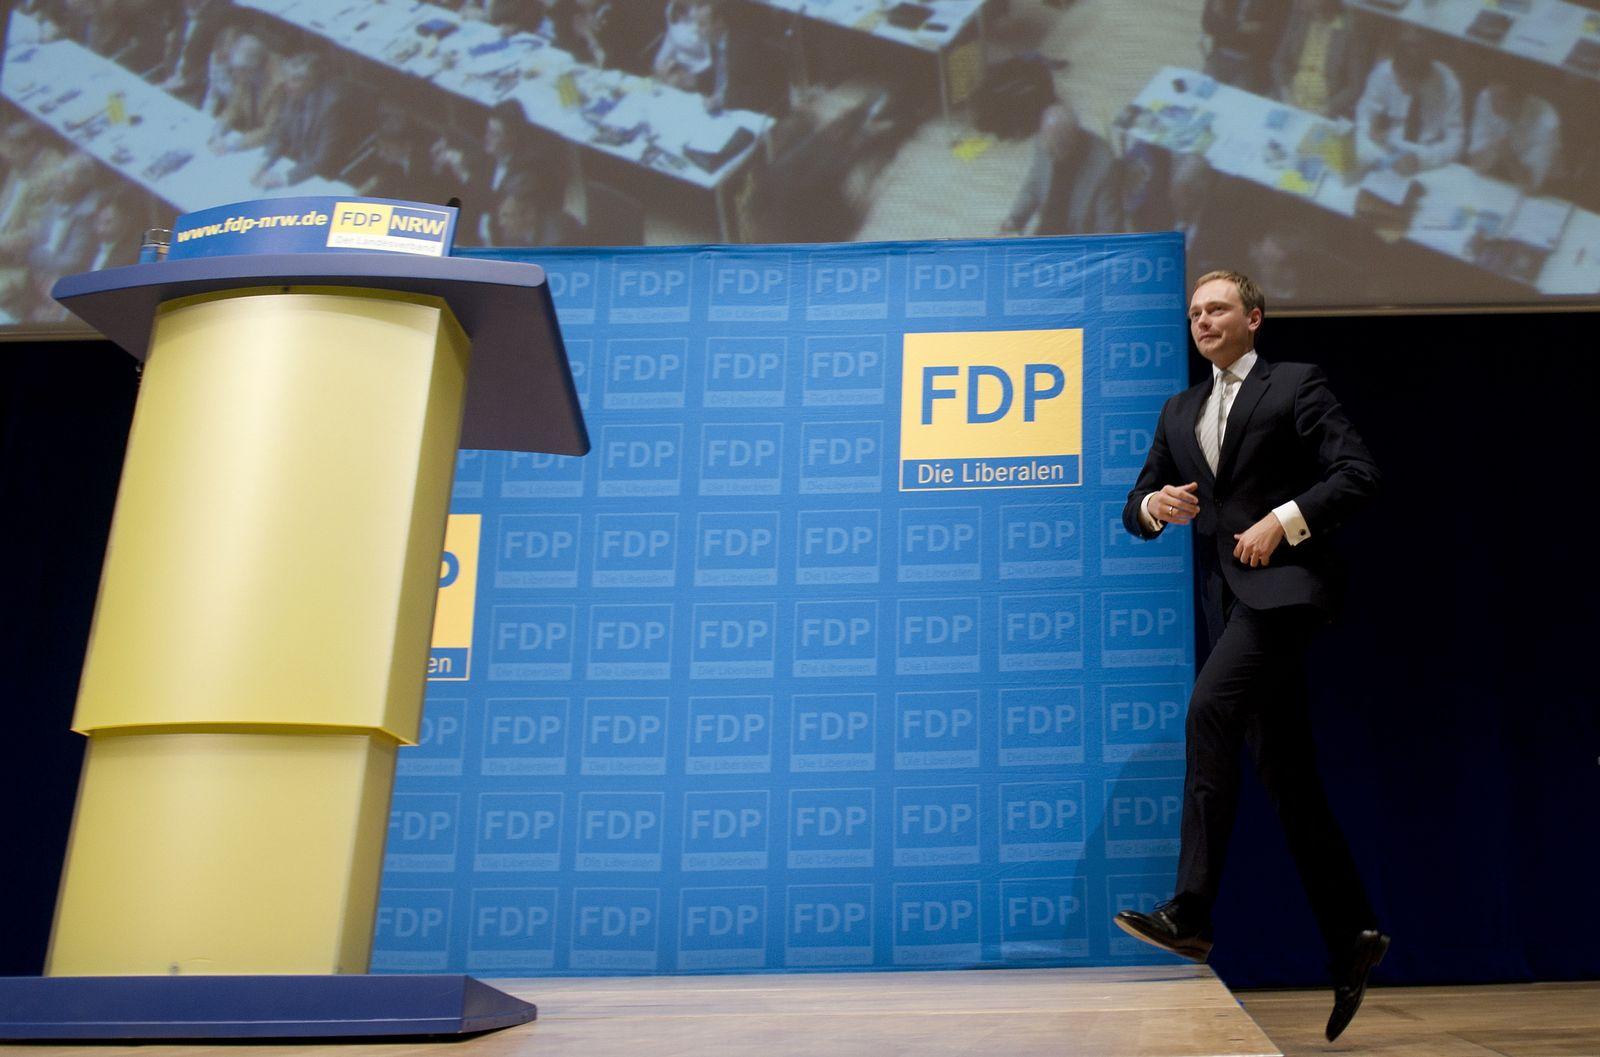 NICHT VERWENDEN FDP